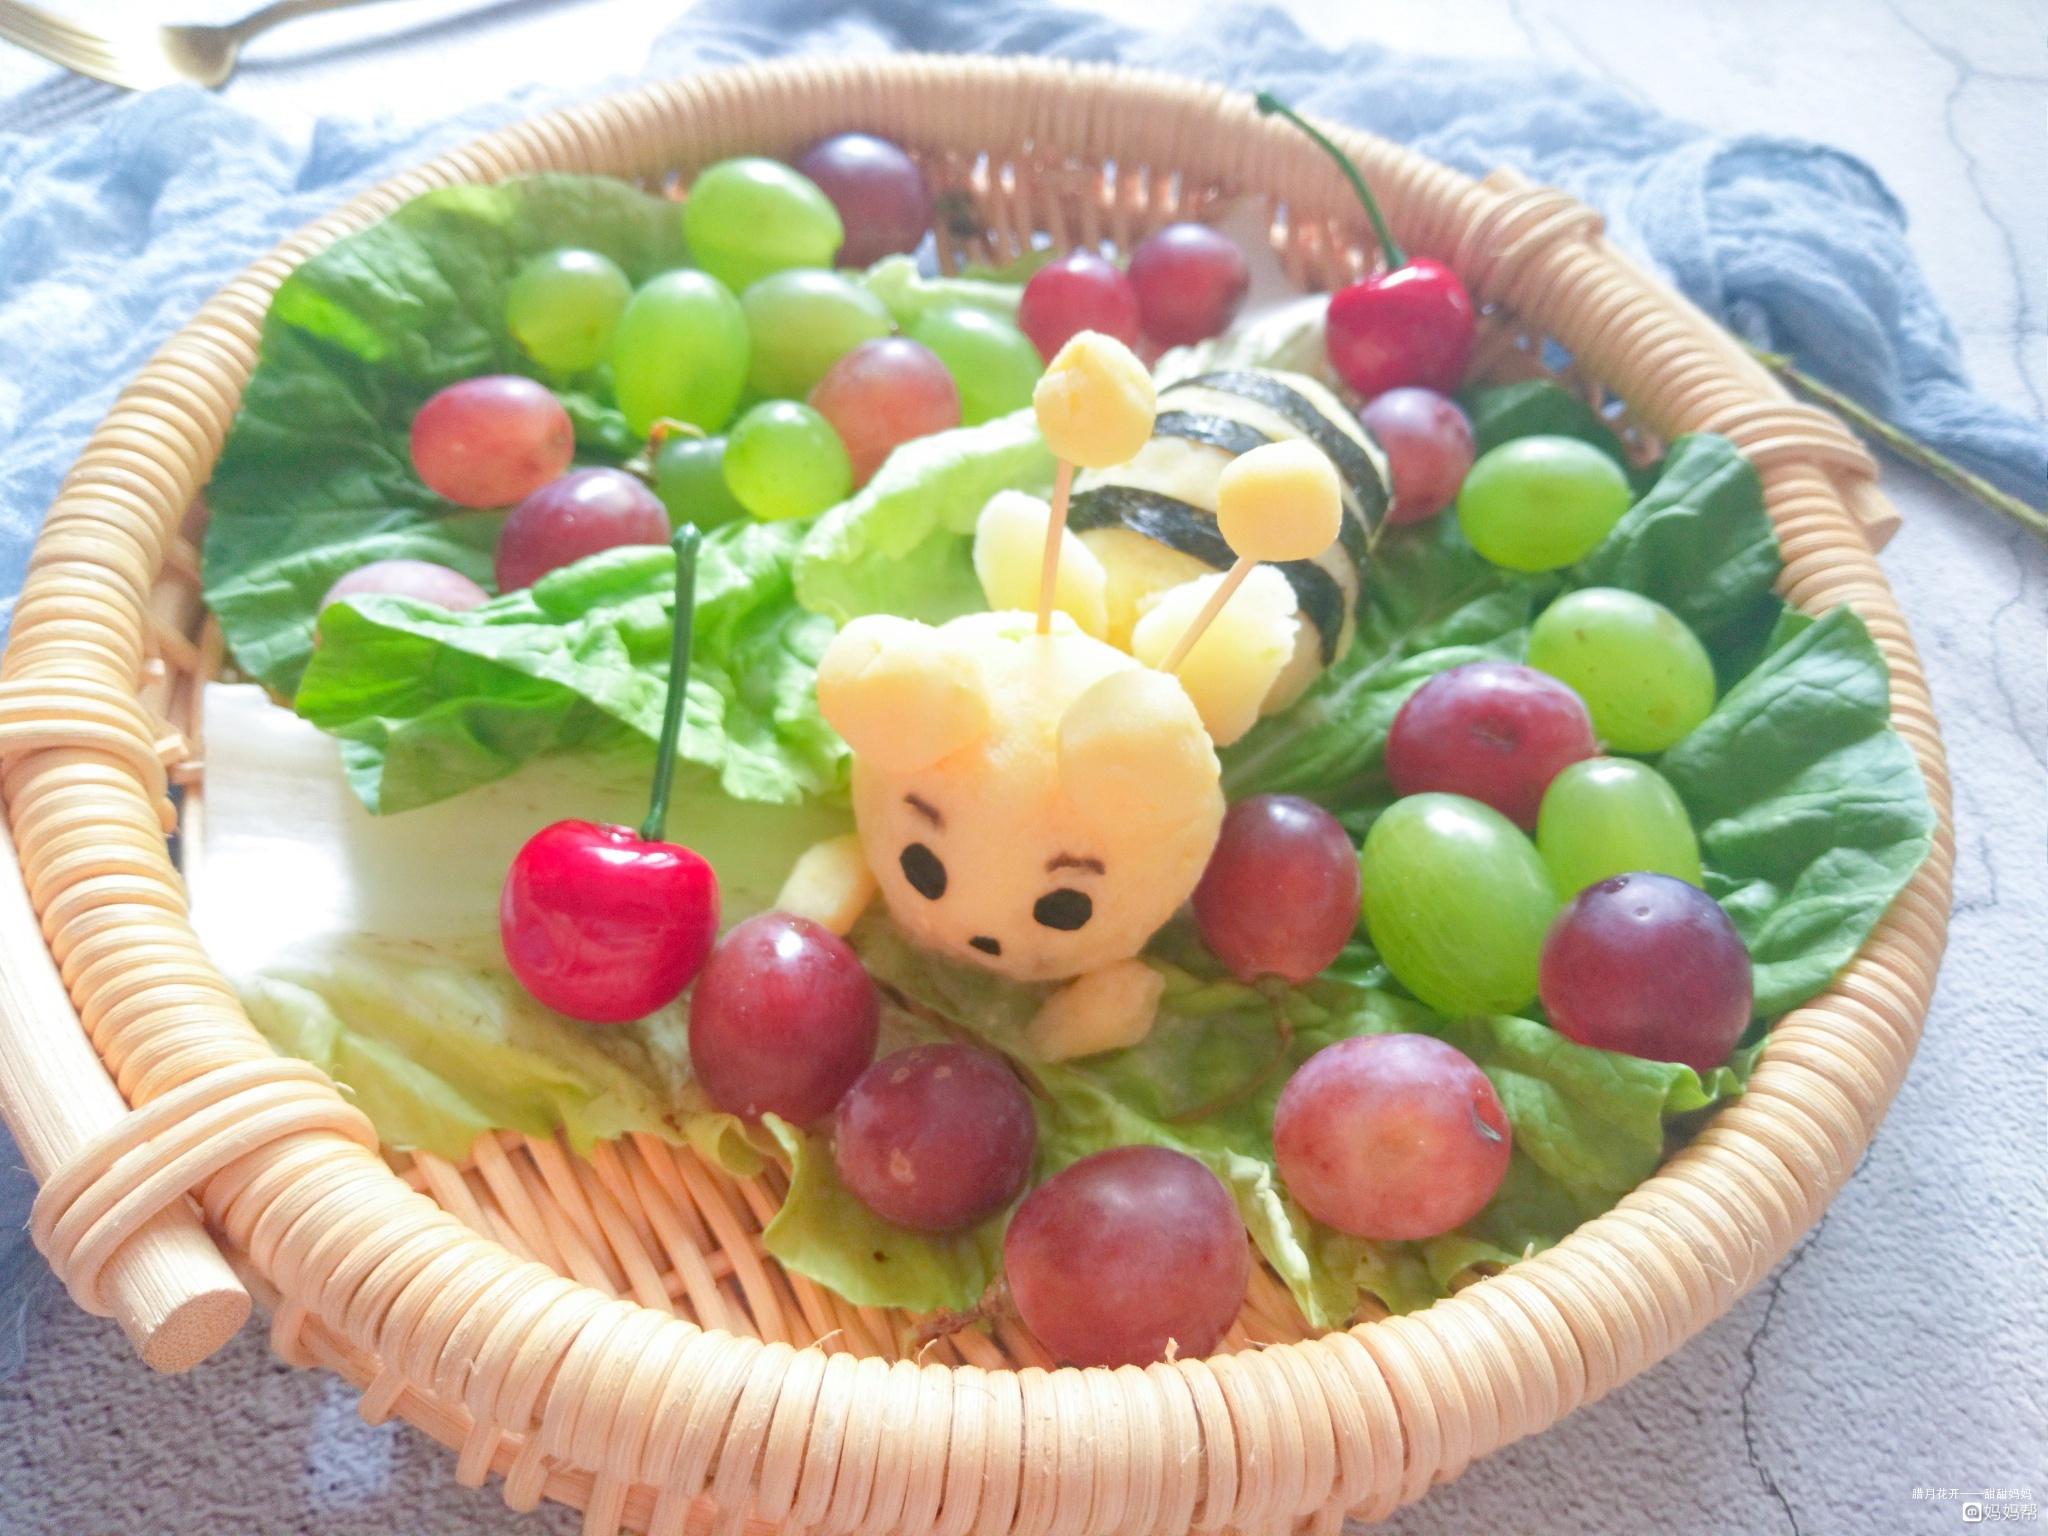 小孩子们还是比较喜欢可爱的小动物哦,要是把土豆泥捏成萌萌哒小